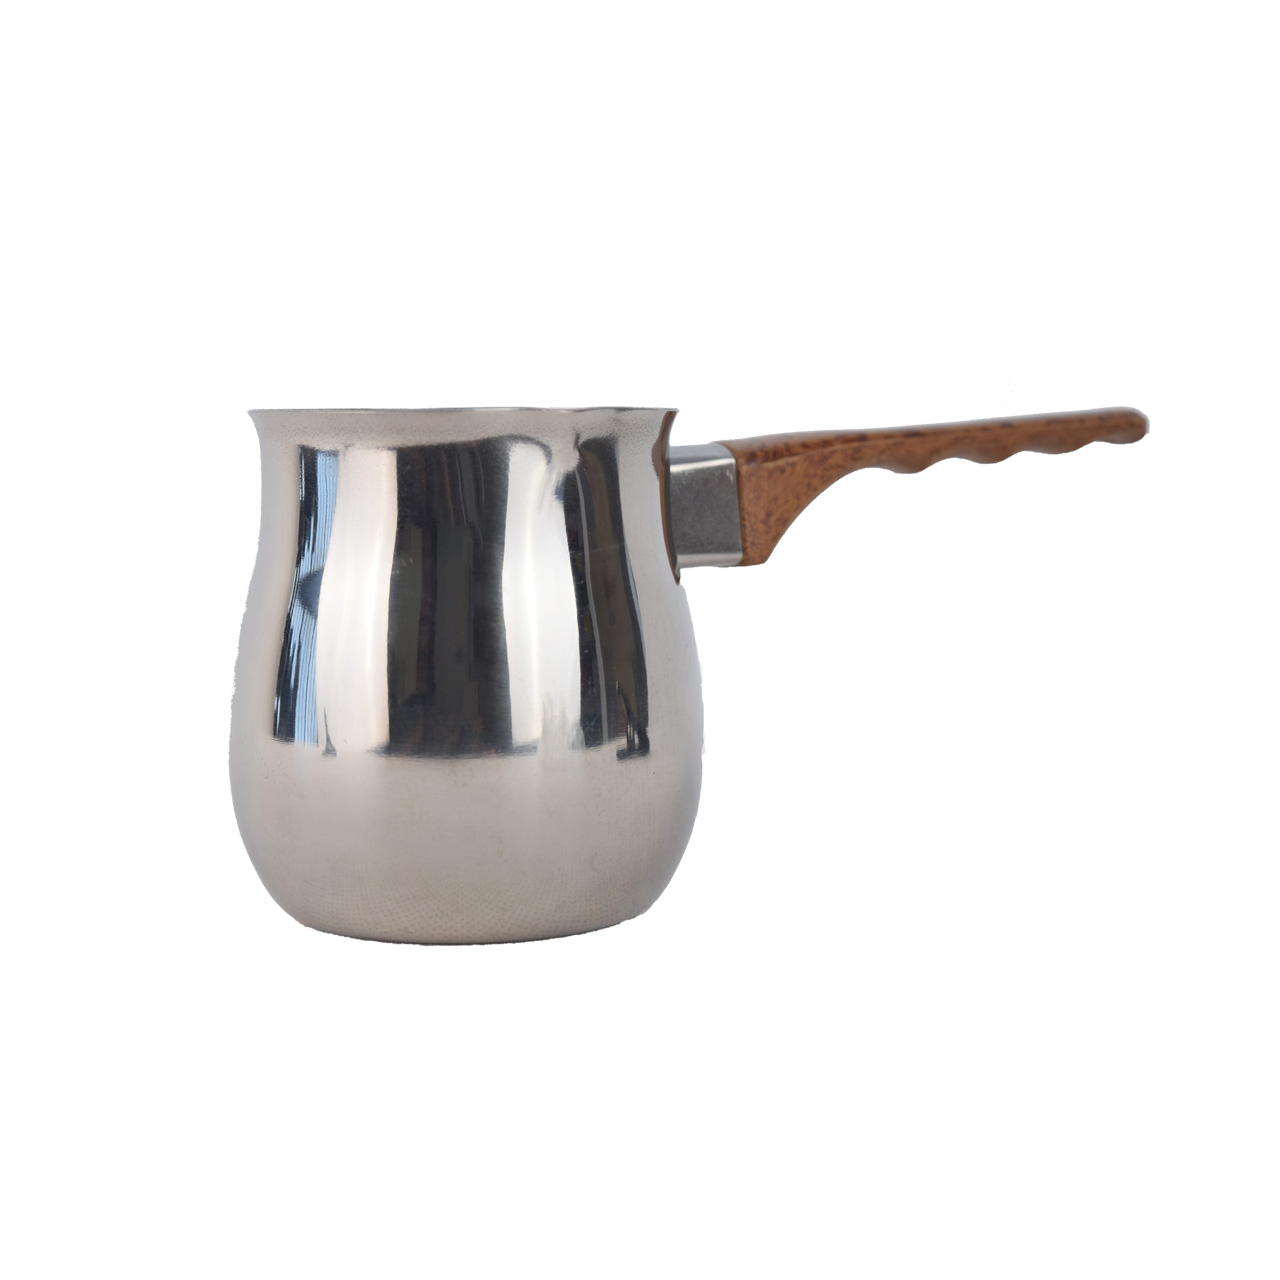 قهوه جوش ۶ کاپ